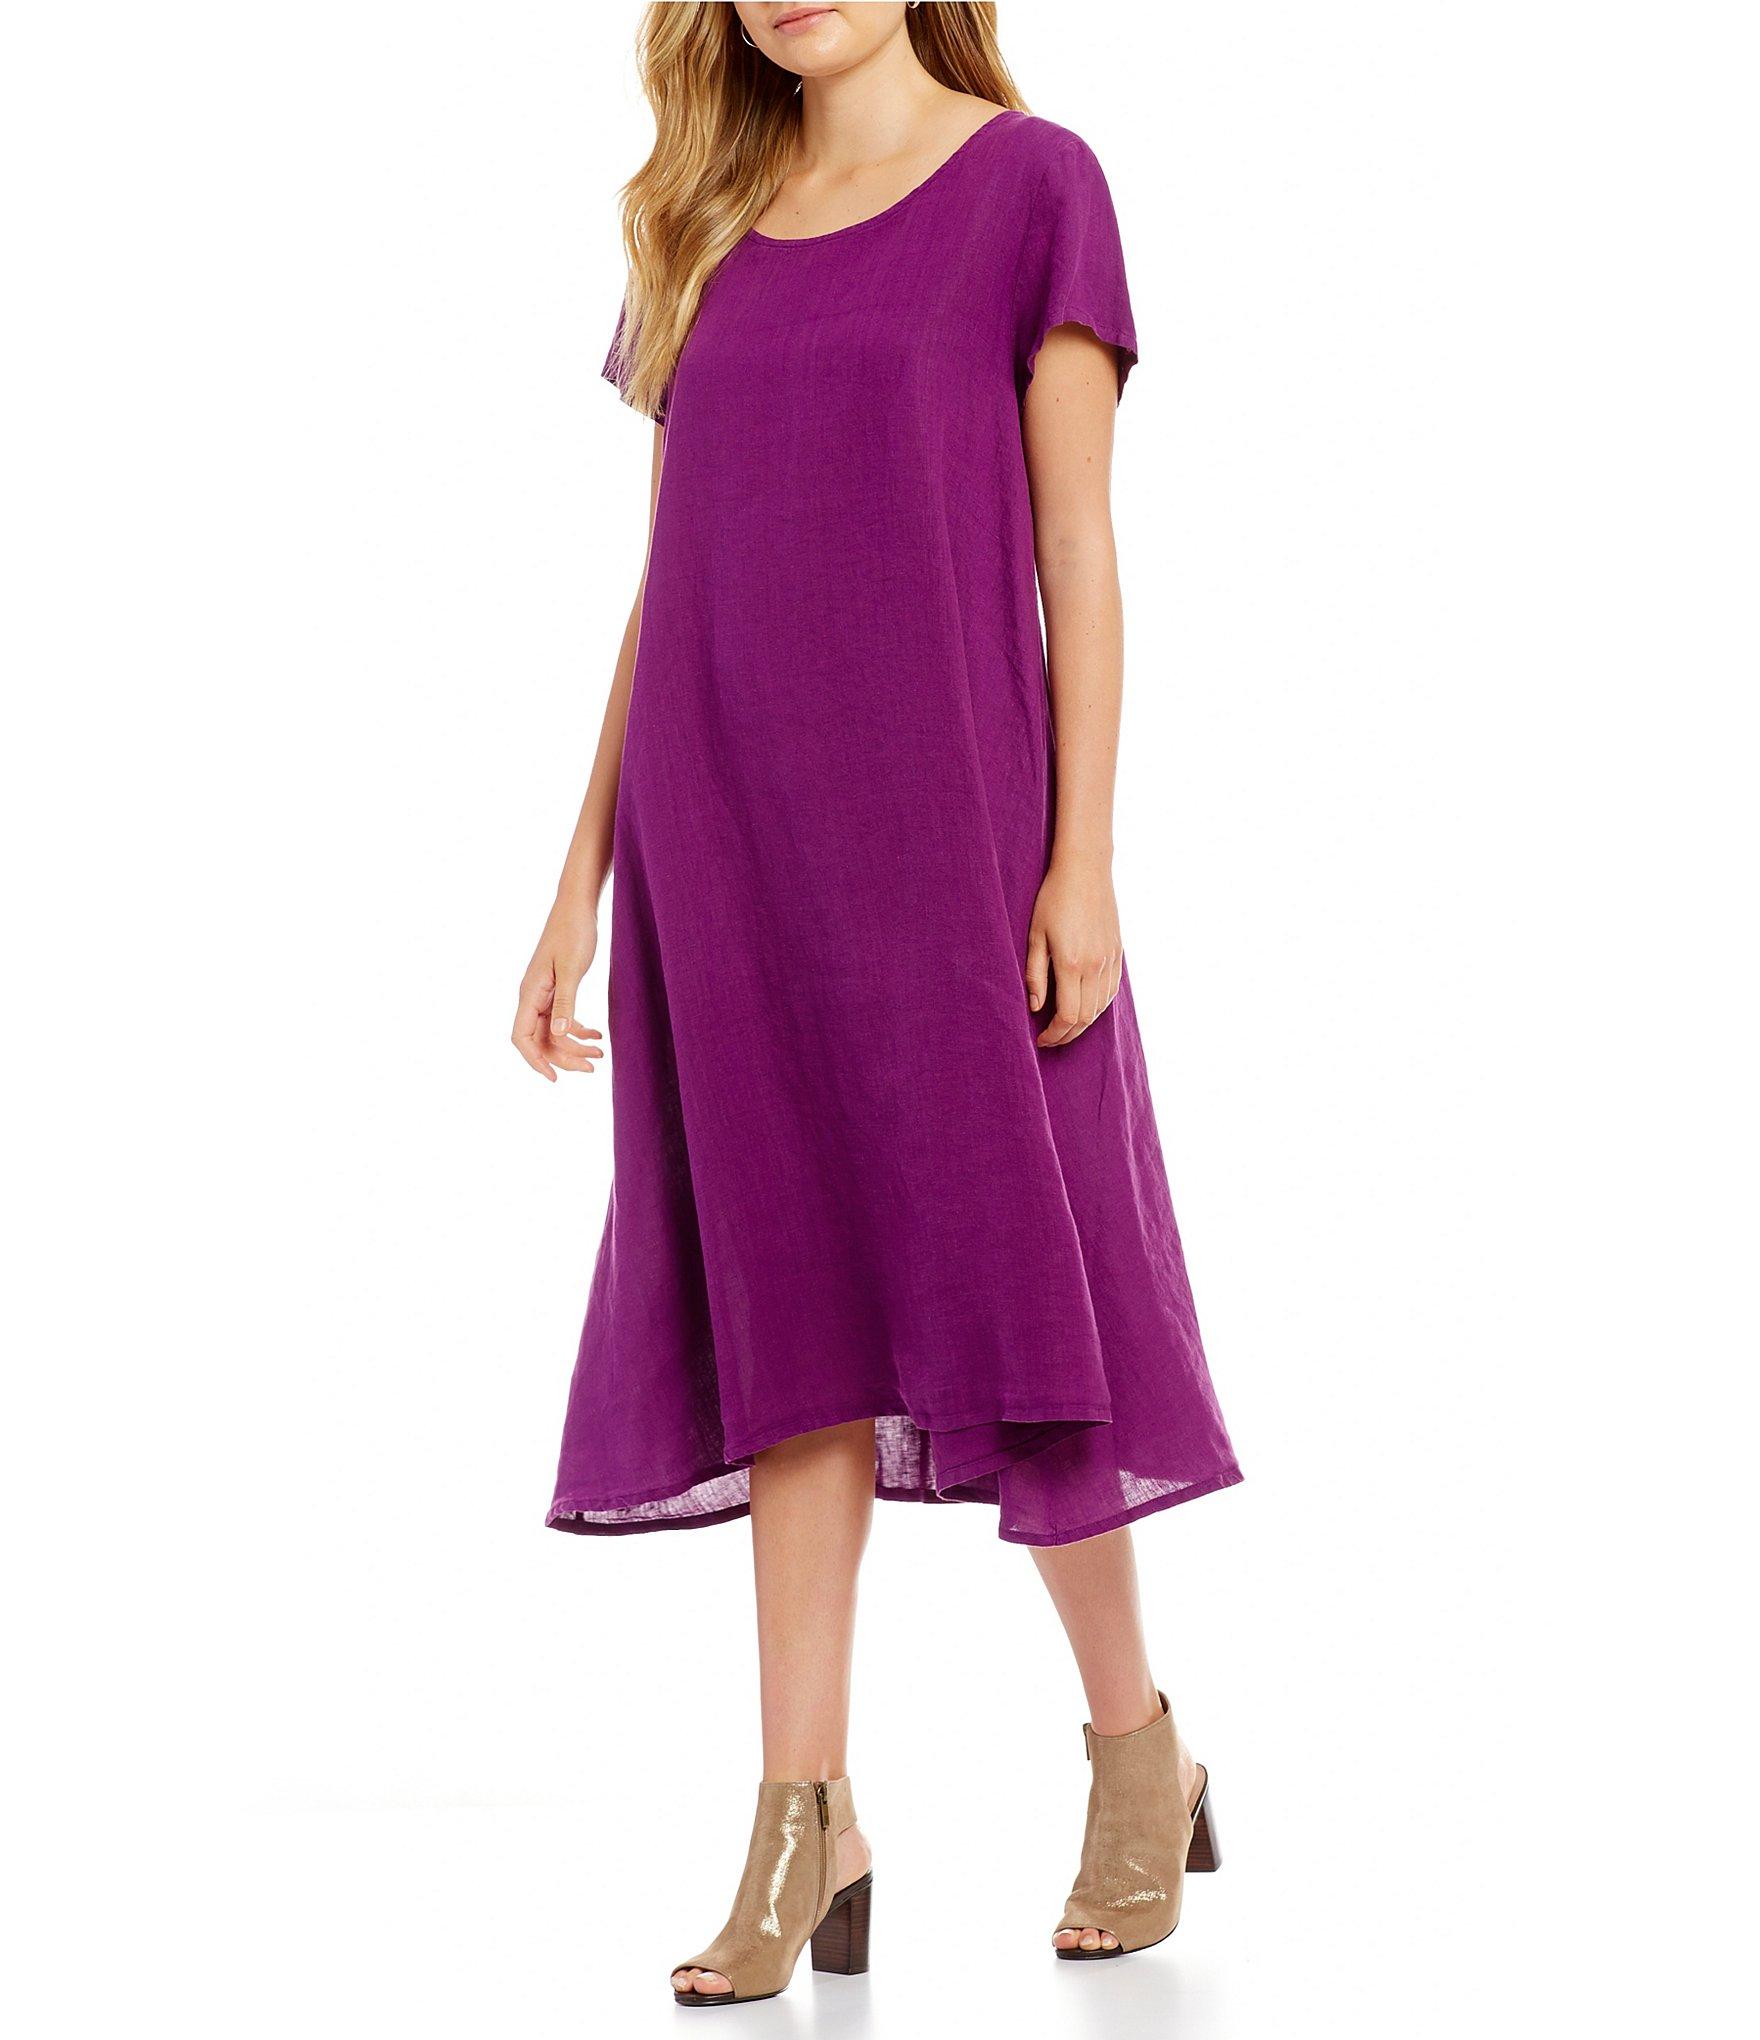 Bryn Walker Light Linen Winslow Dress